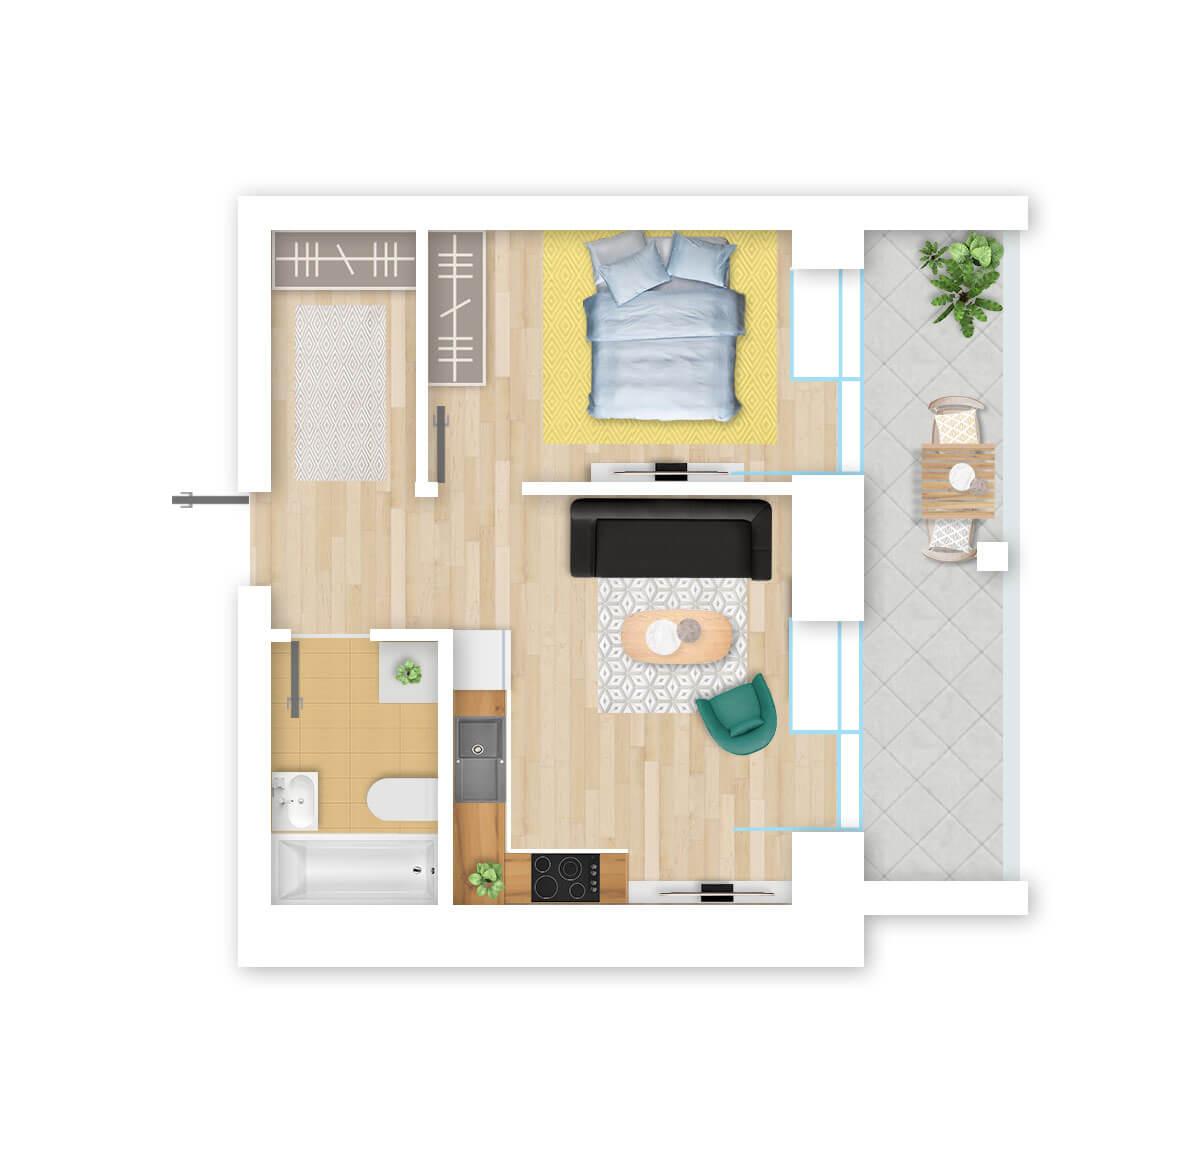 parduodamas butas Lazdynėlių g. 16B - 15 Vilniuje, buto 3D vaizdas